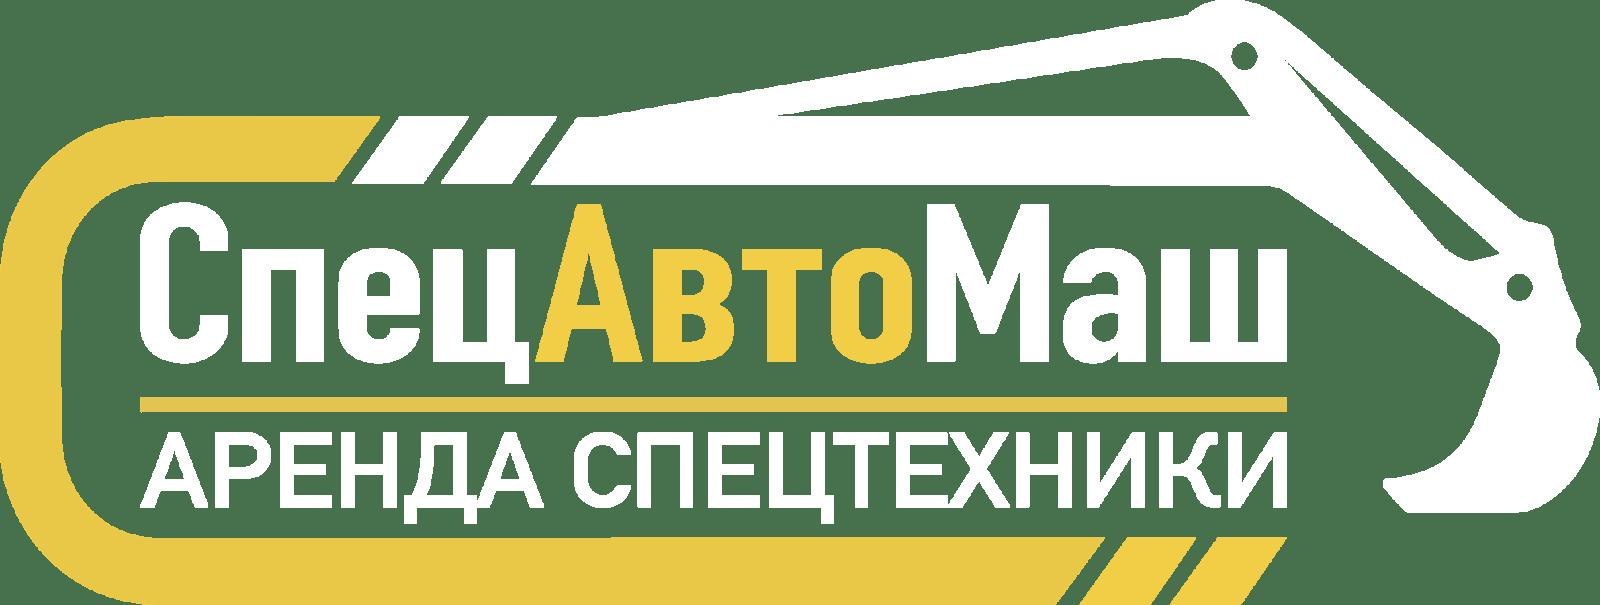 СпецАвтоМаш аренда спецтехники Первоуральск